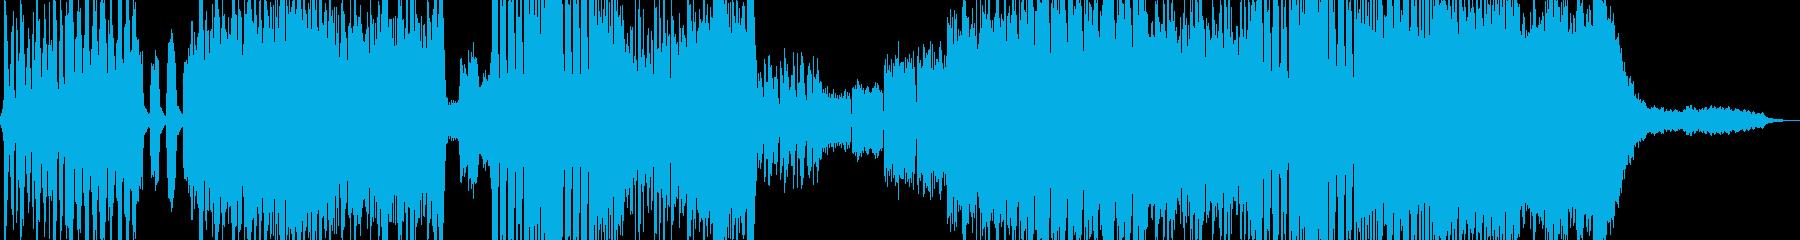 煉獄・救い無きオーケストラ チェンバロ有の再生済みの波形